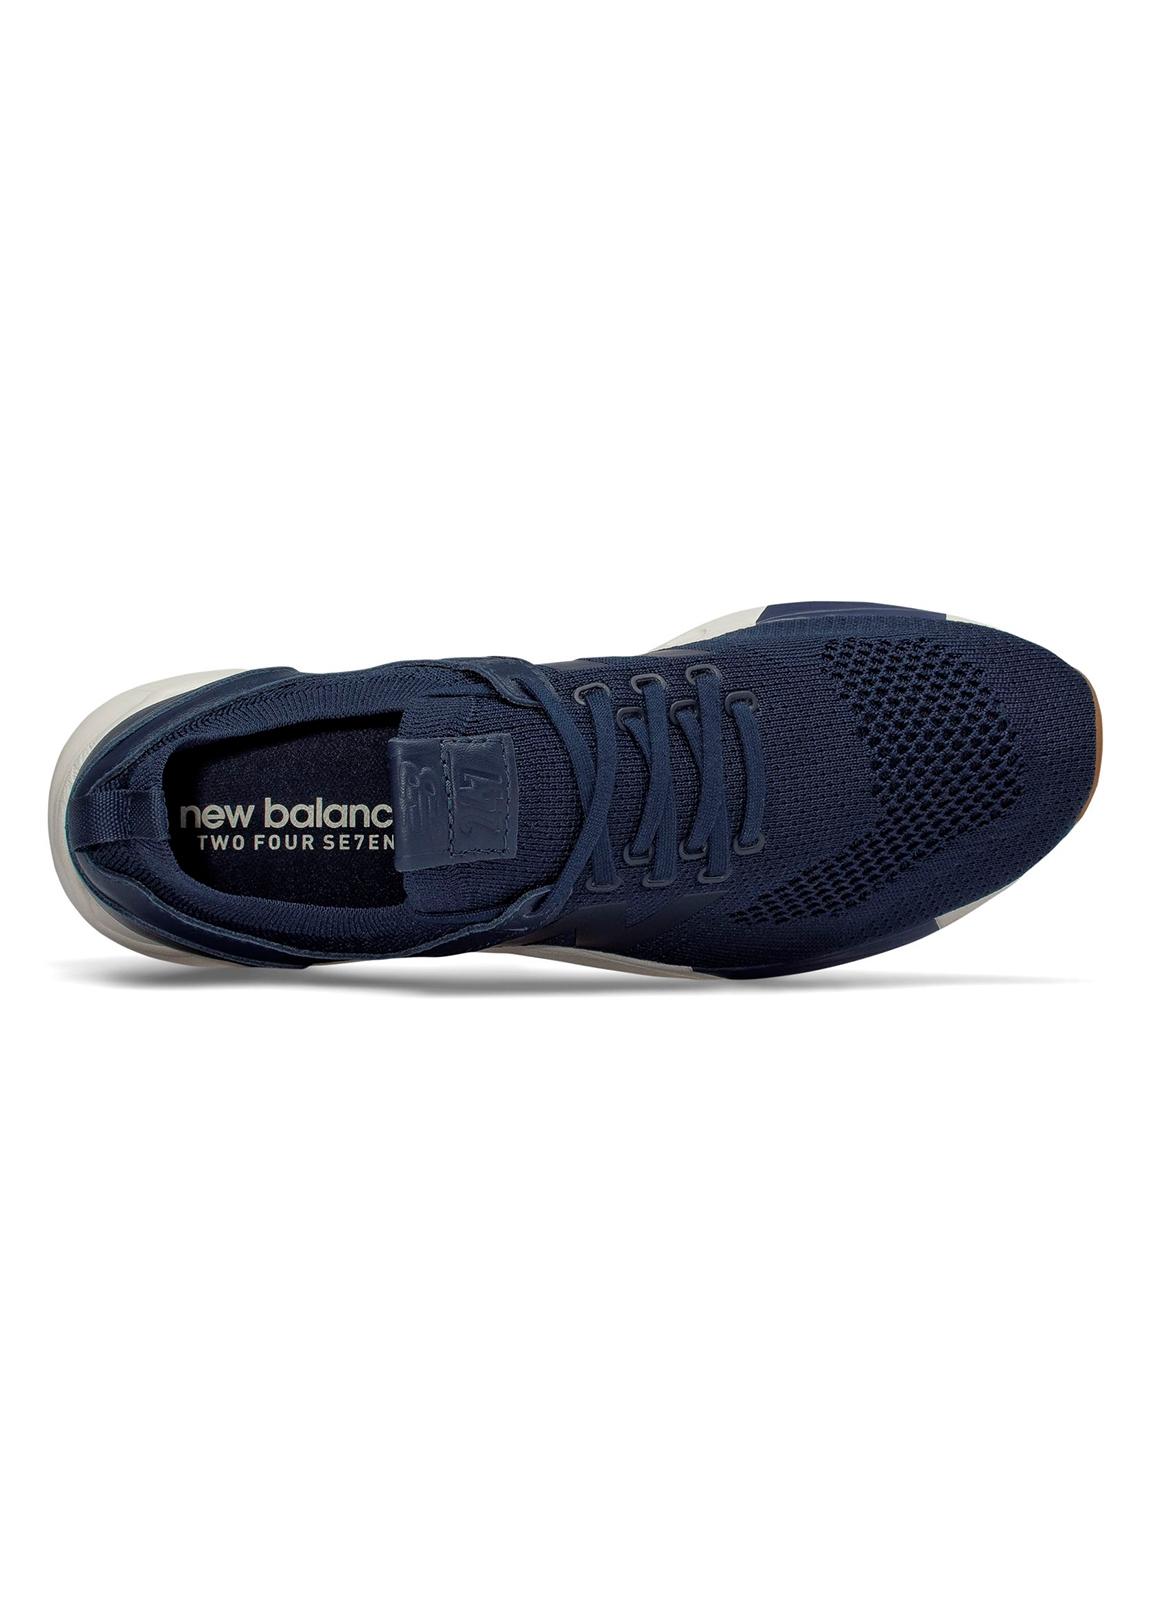 Sneaker hombre MRL247 color AZUL MARINO, piel y malla. - Ítem3